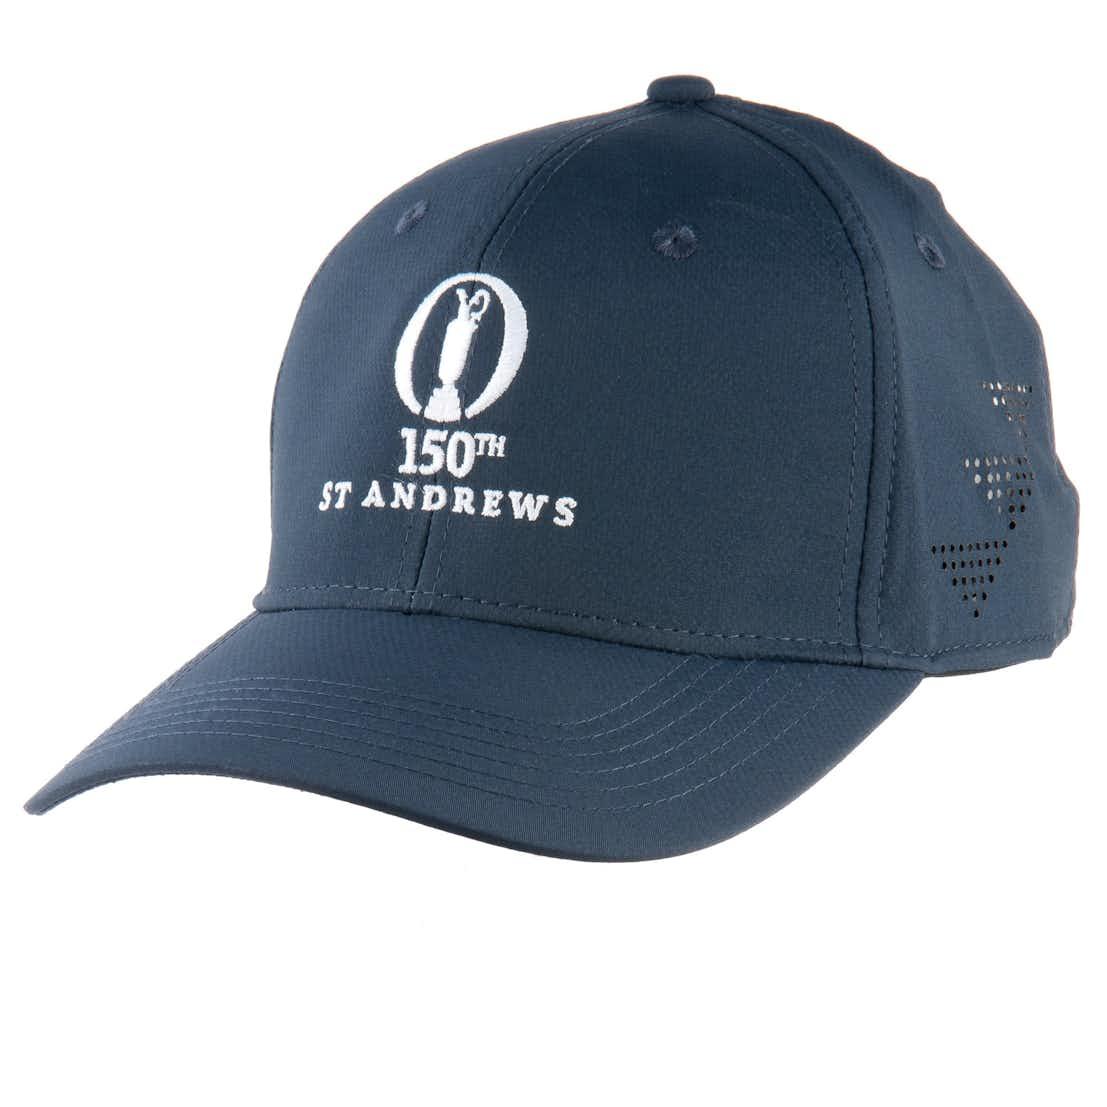 150th St Andrews Baseball Cap - Blue